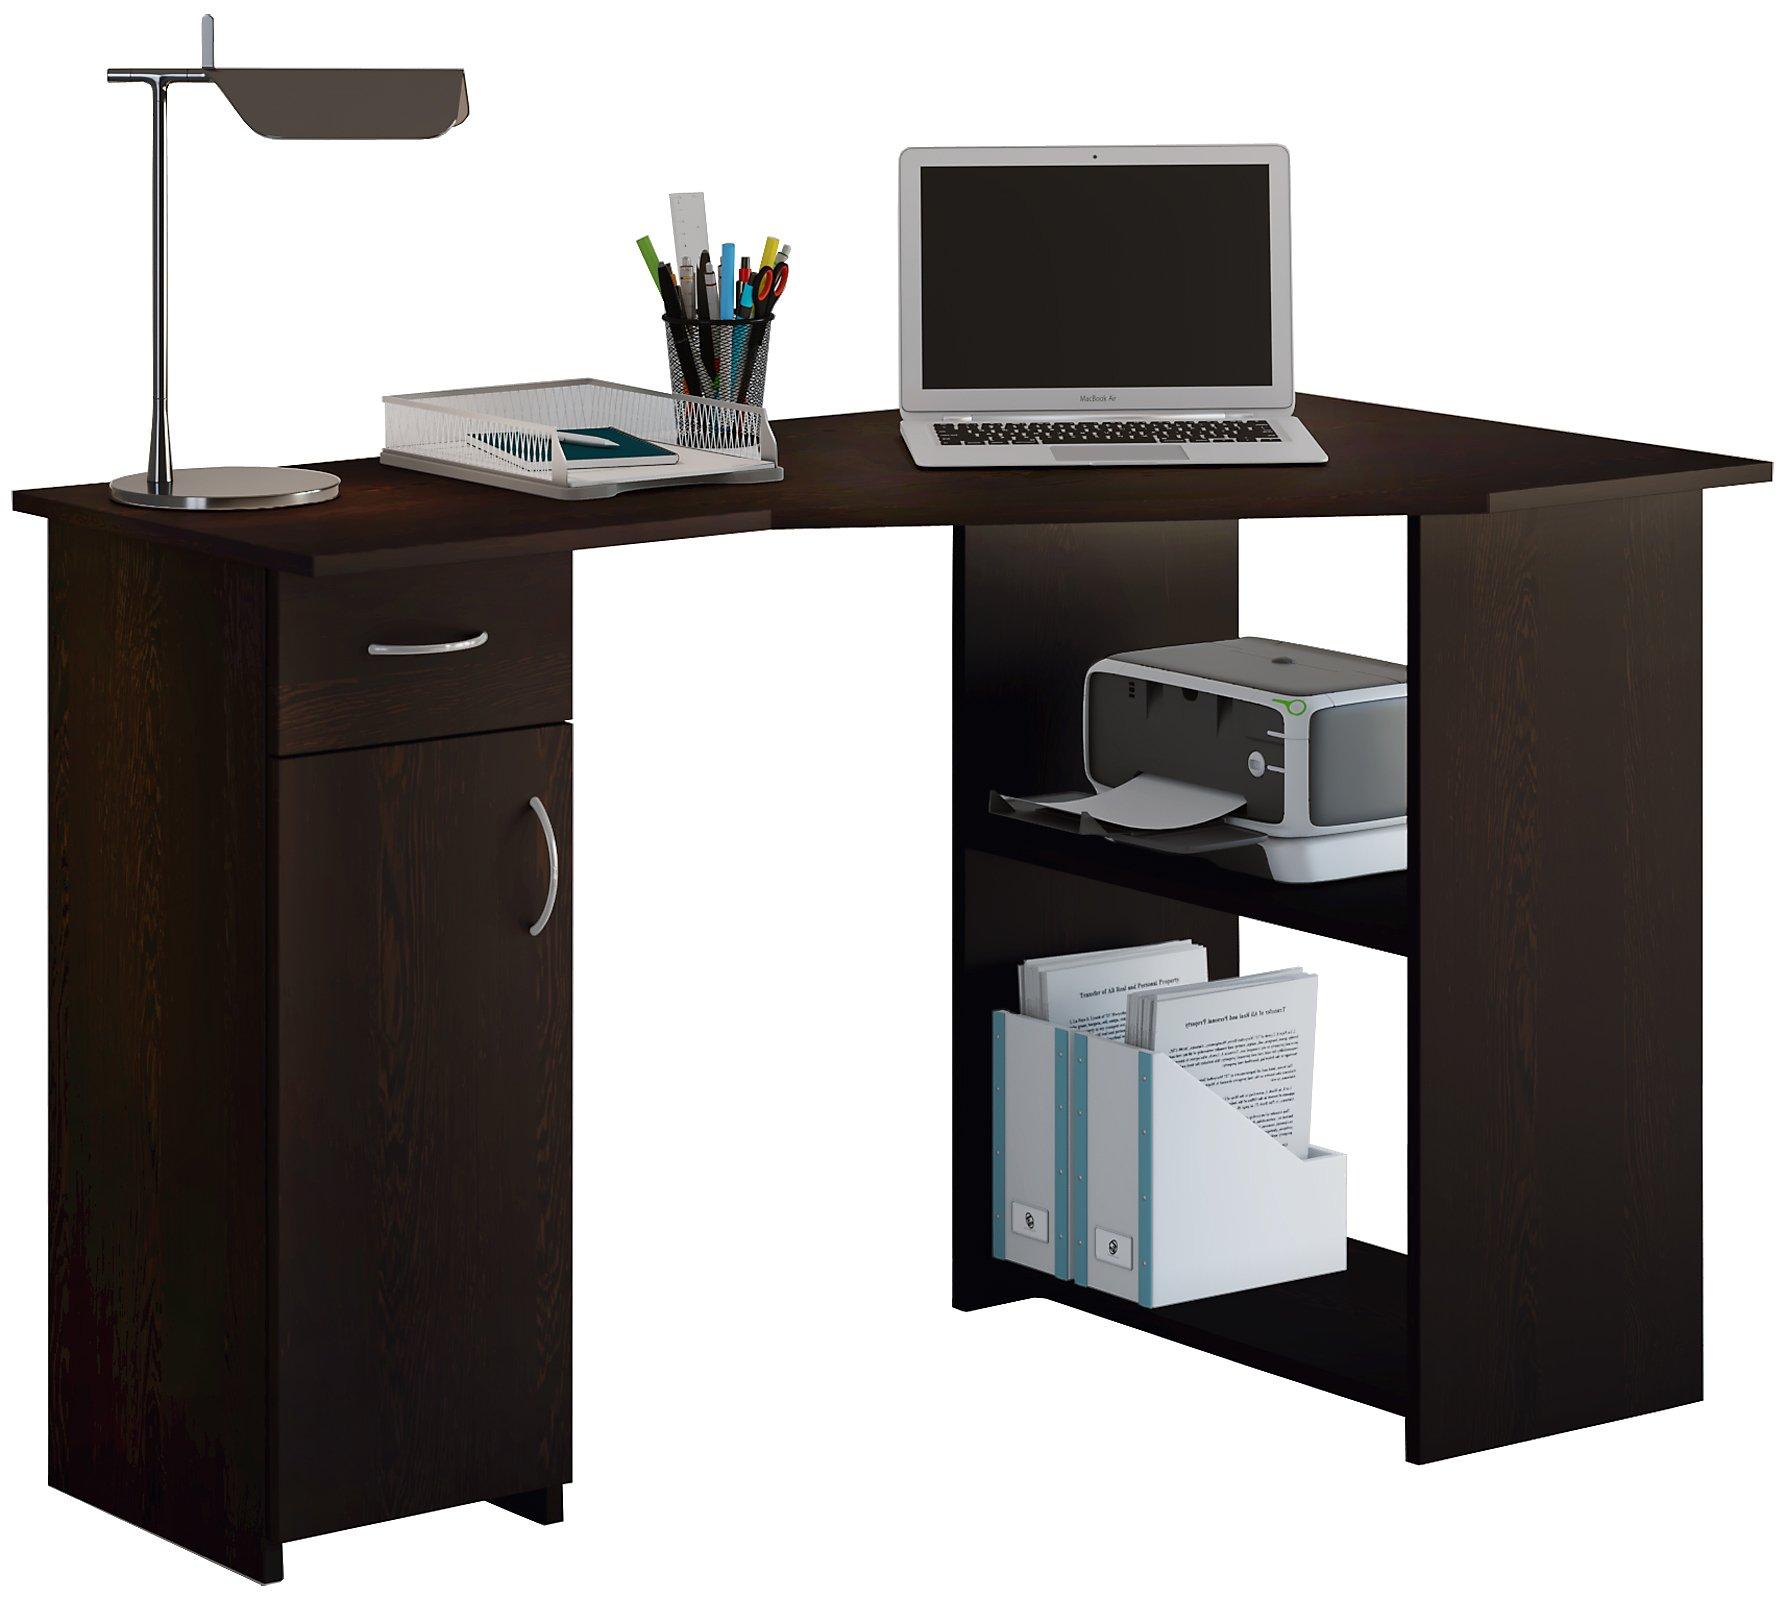 Vcm Eckschreibtisch Schreibtisch Büromöbel Computertisch Winkeltisch